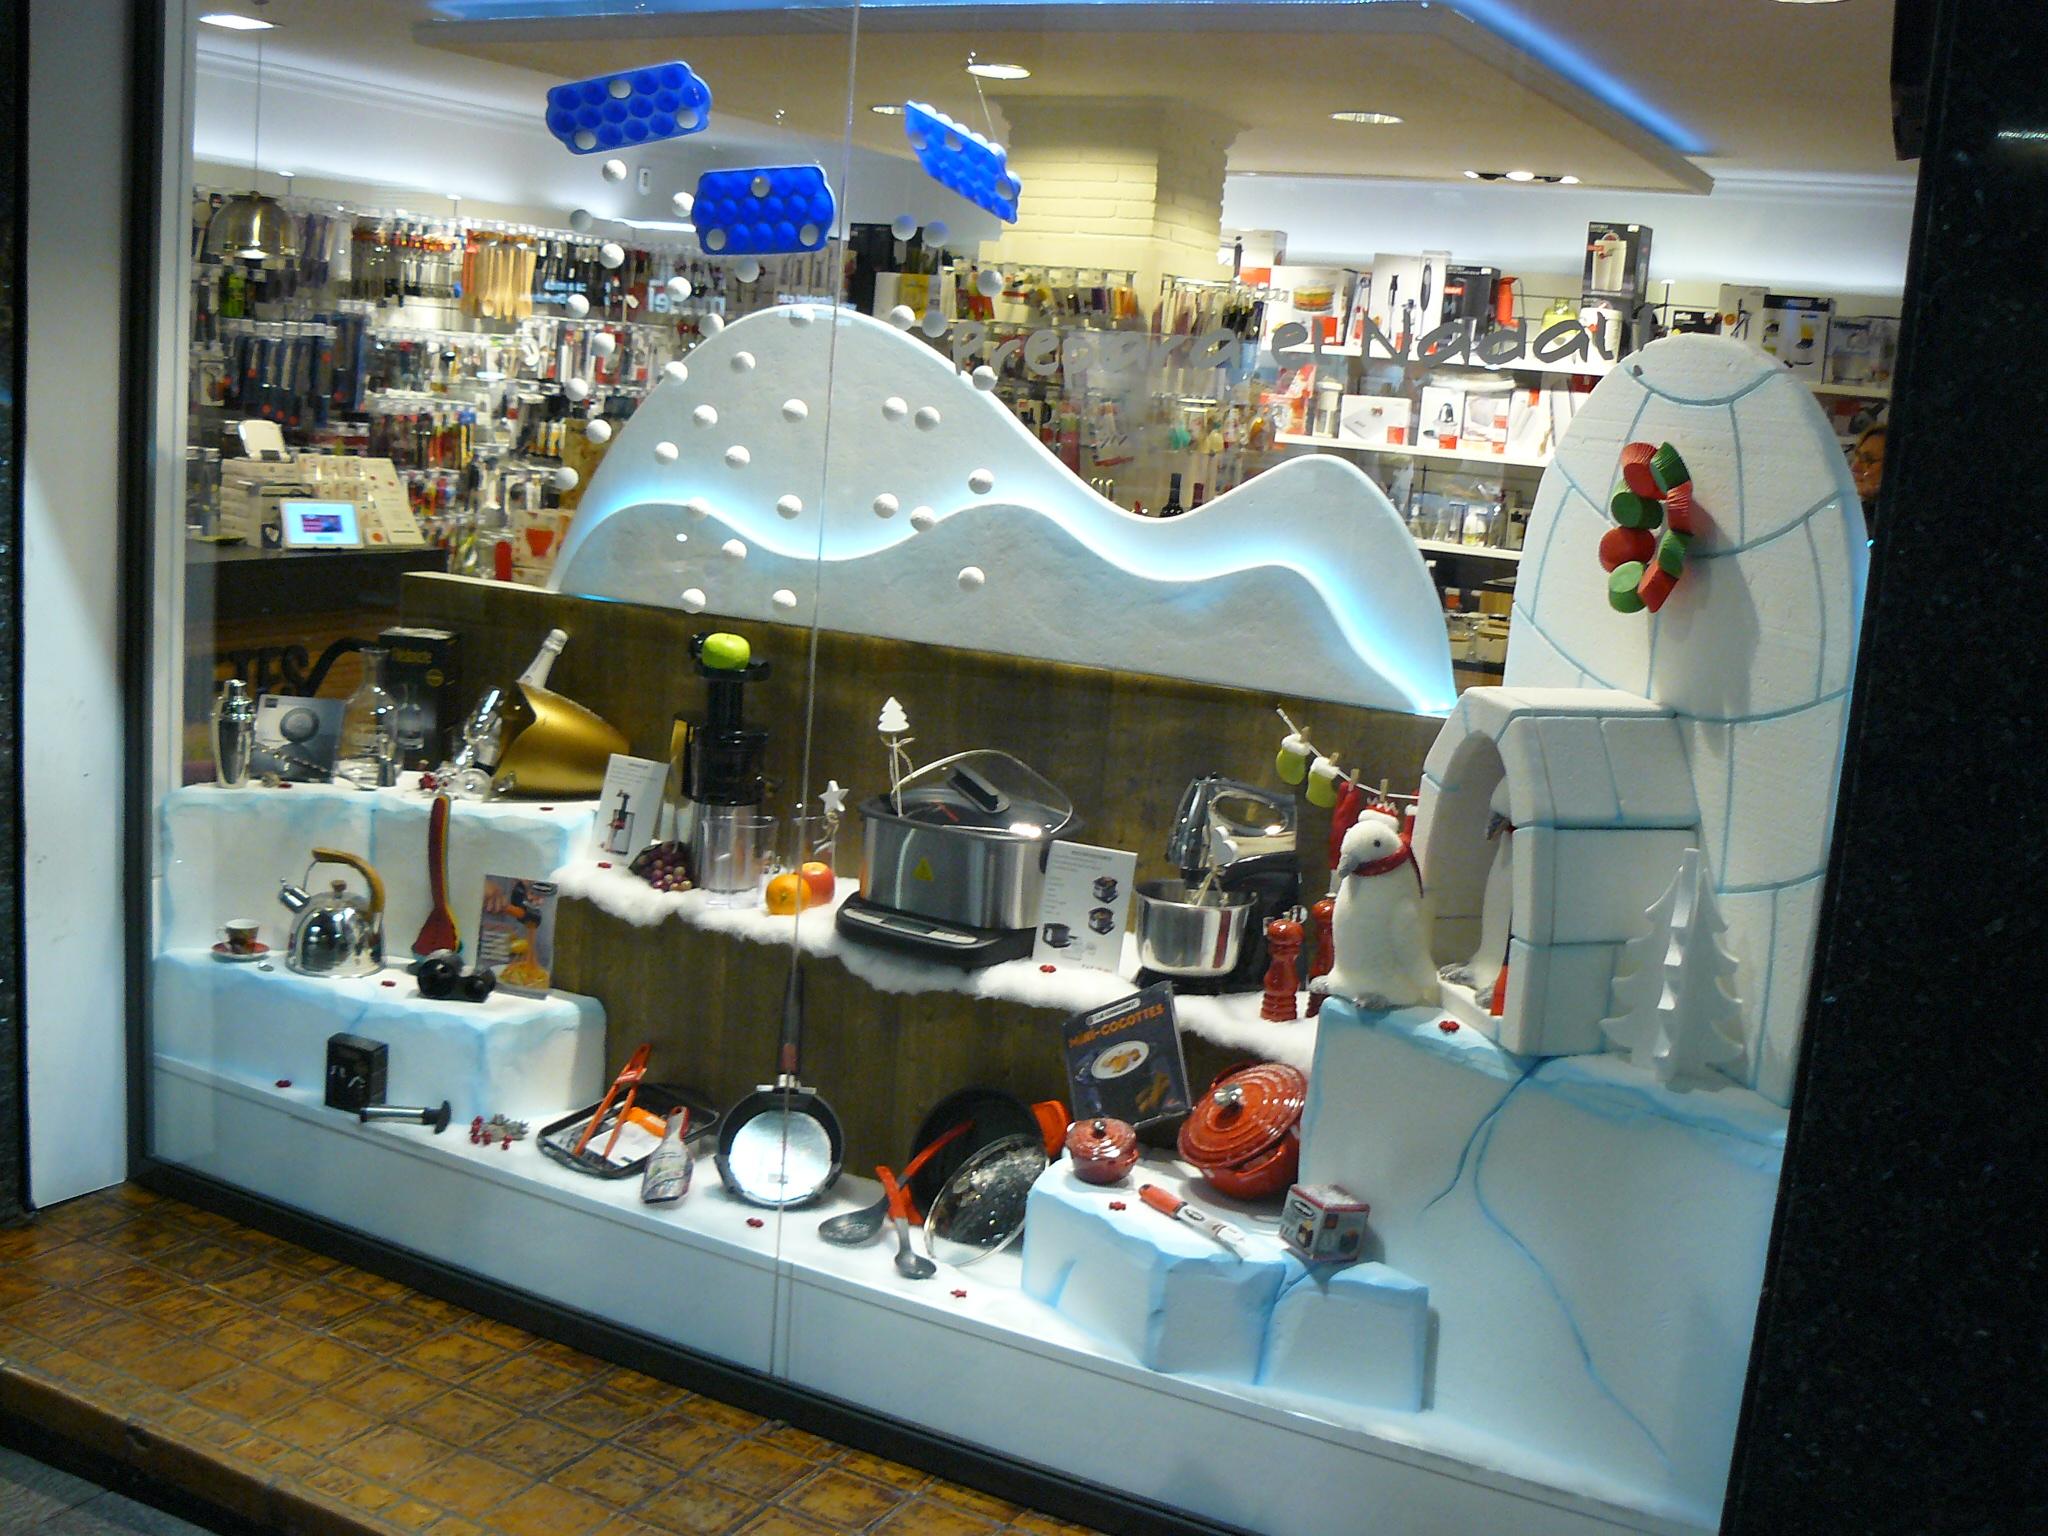 Prepara la navidad en cuinetes decoraci n de pasteler as - Decoracion navidena para comercios ...